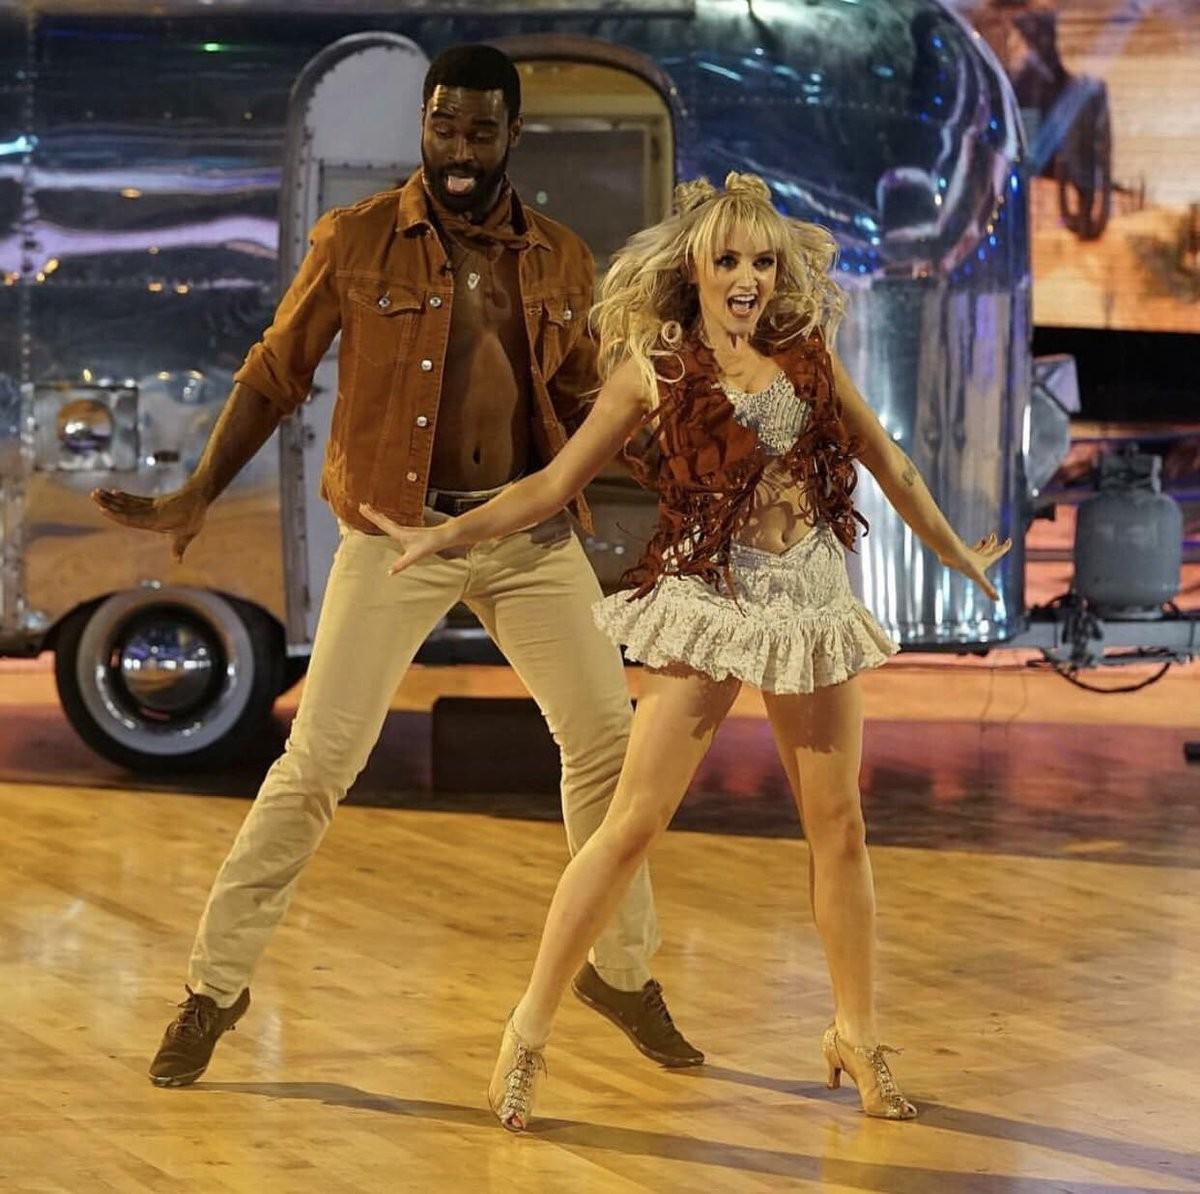 A atriz Evanna Lynch durante sua participação na versão norte-americana do reality show Dança dos Famosos (Foto: Twitter)